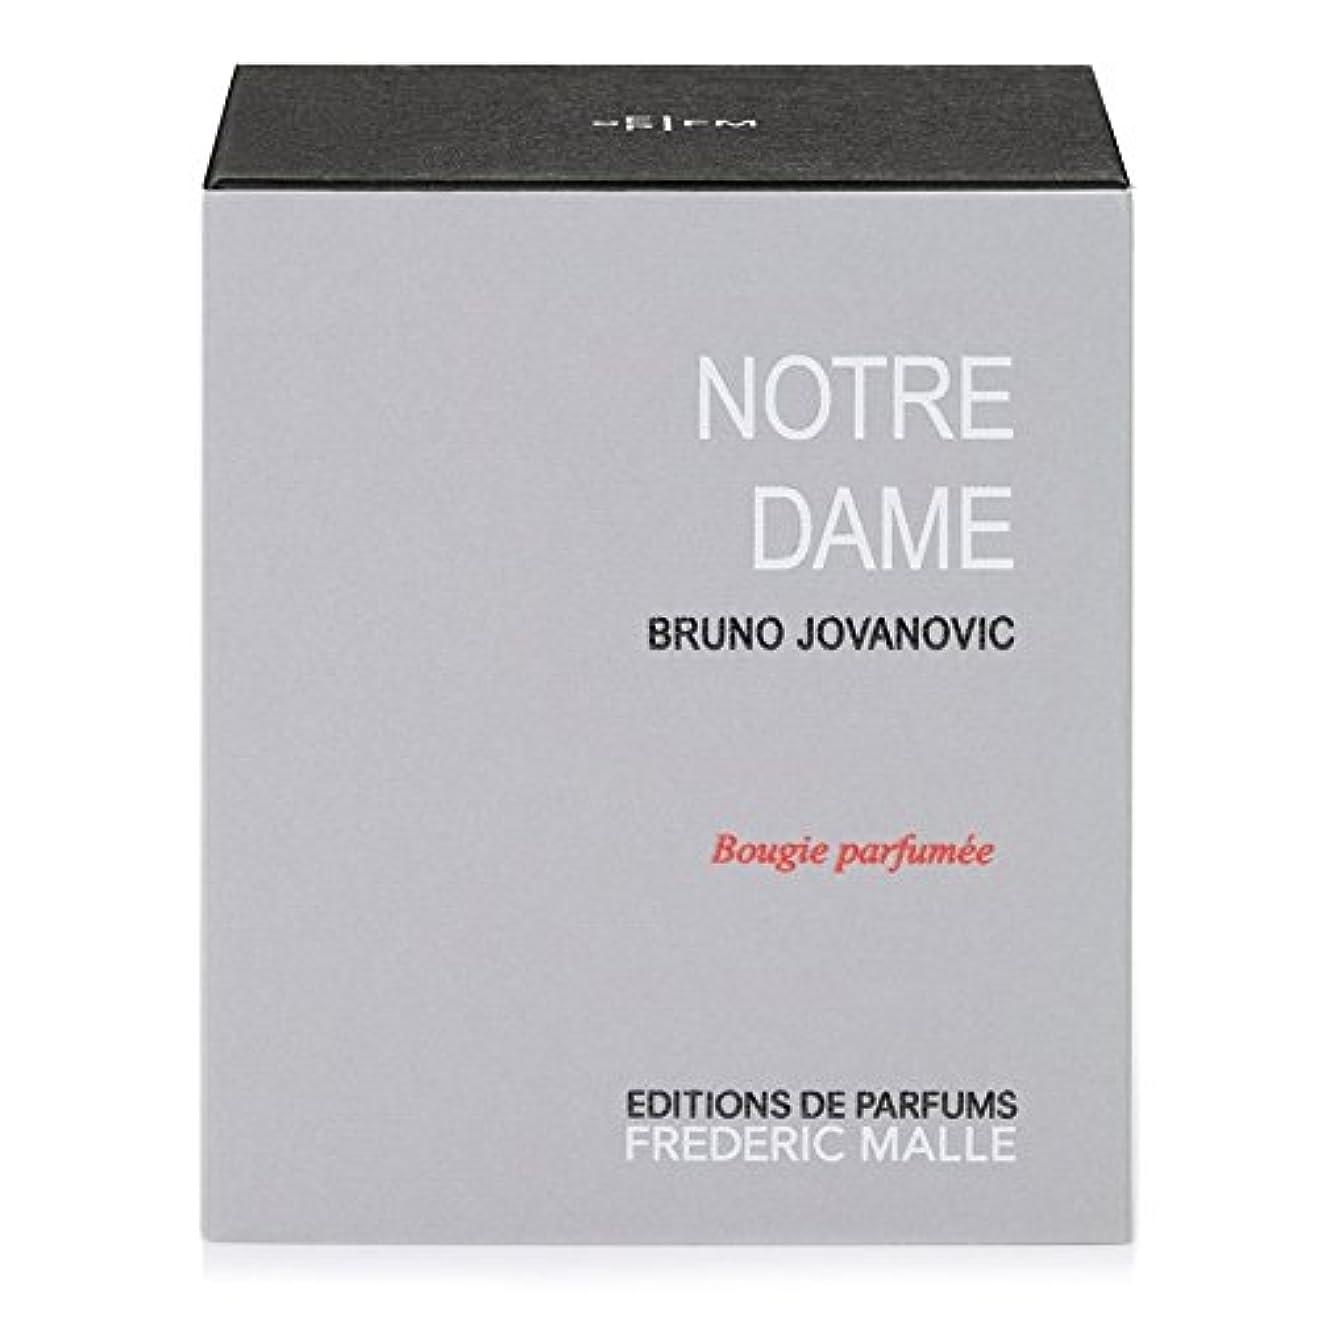 フレデリック?マルノートルダム香りのキャンドル220グラム x6 - Frederic Malle Notre Dame Scented Candle 220g (Pack of 6) [並行輸入品]